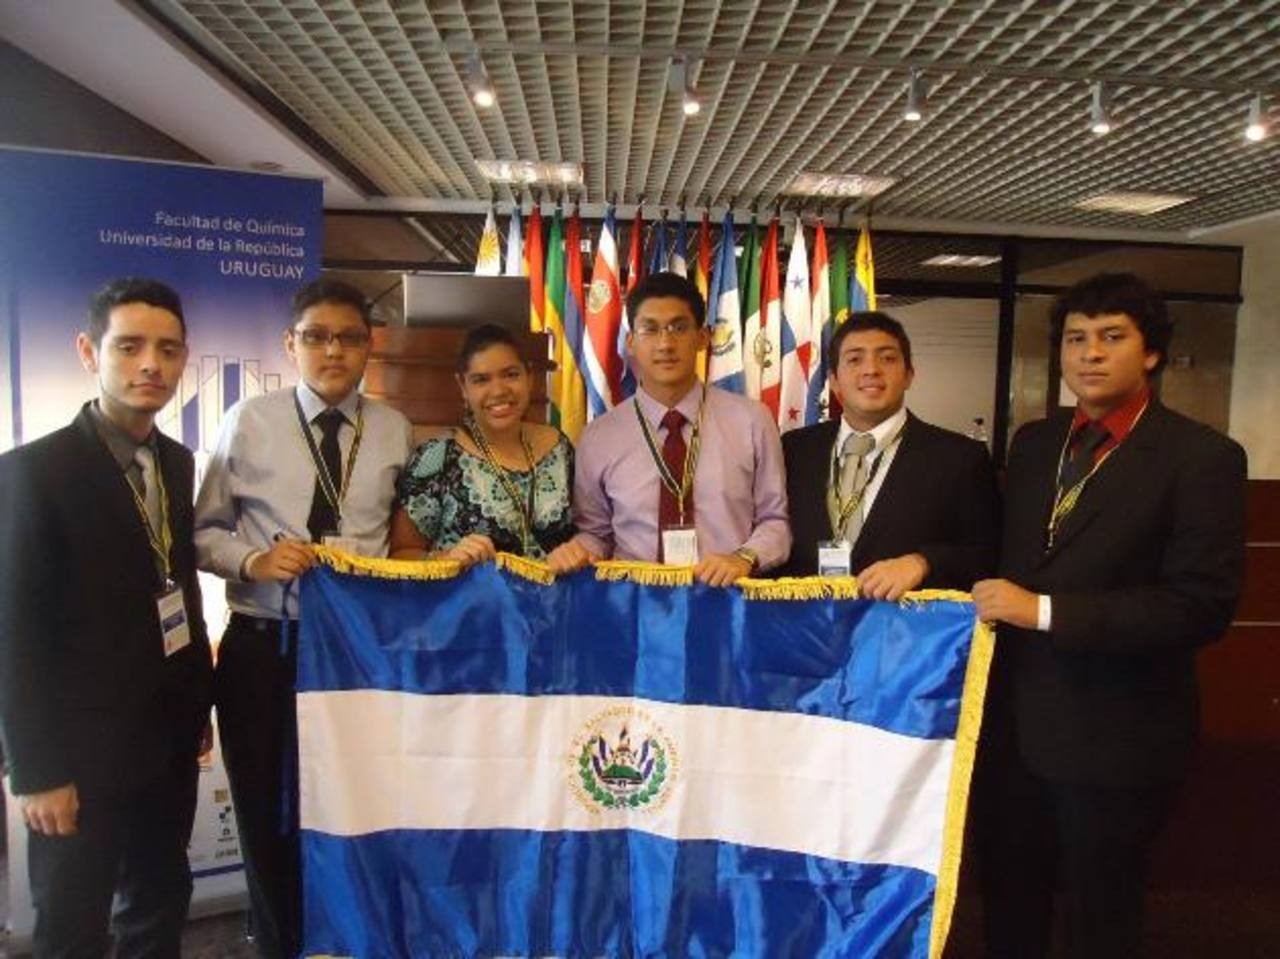 Rodrigo José Mundo (corbata roja), conquistó una medalla de oro en Química. Foto EDH / cortesía.